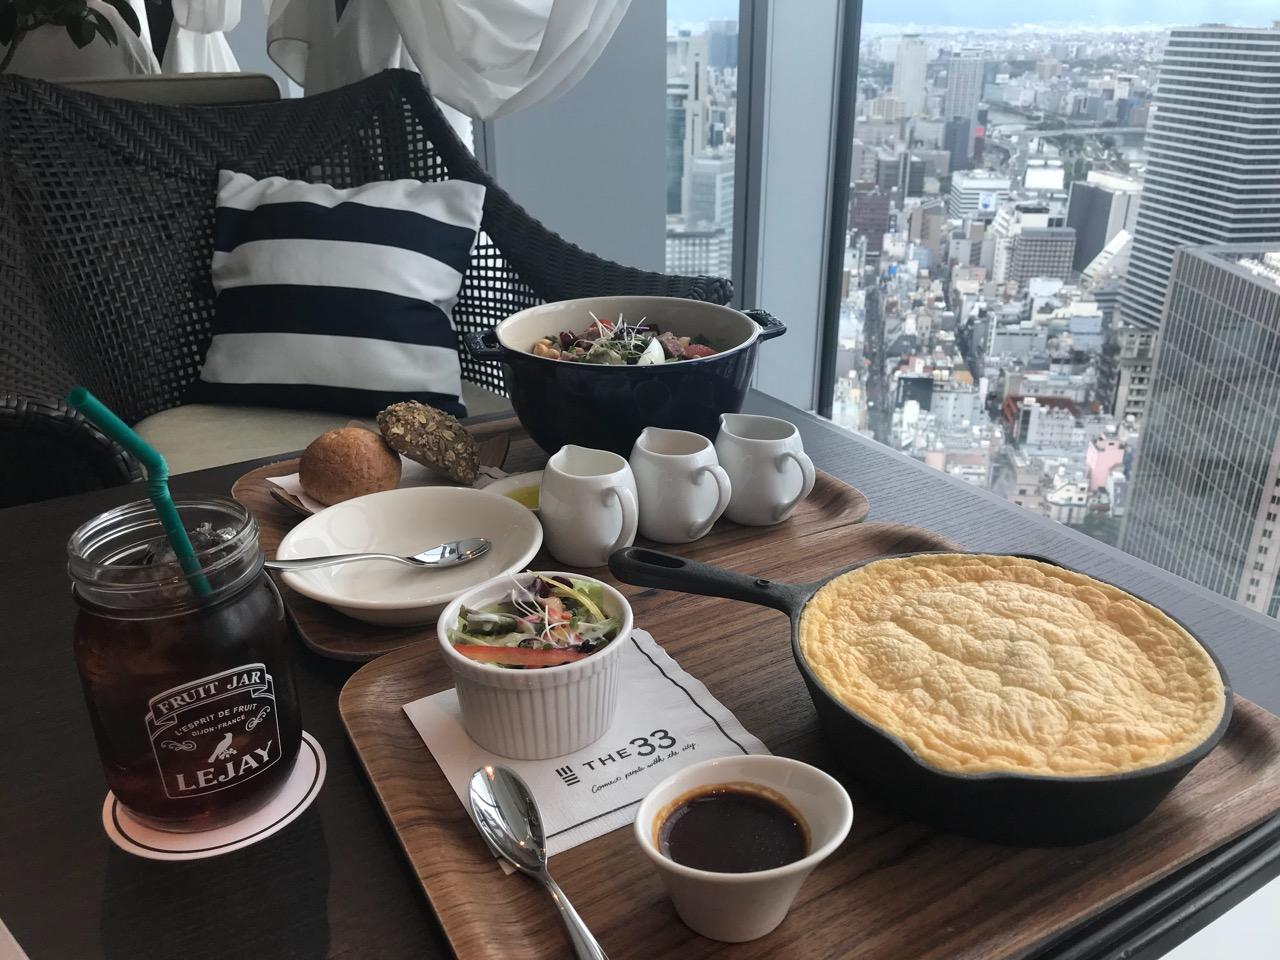 梅田など大阪のおすすめランチ特集《2019年版》- 女子会やデートにおすすめのカフェやレストラン11選_19